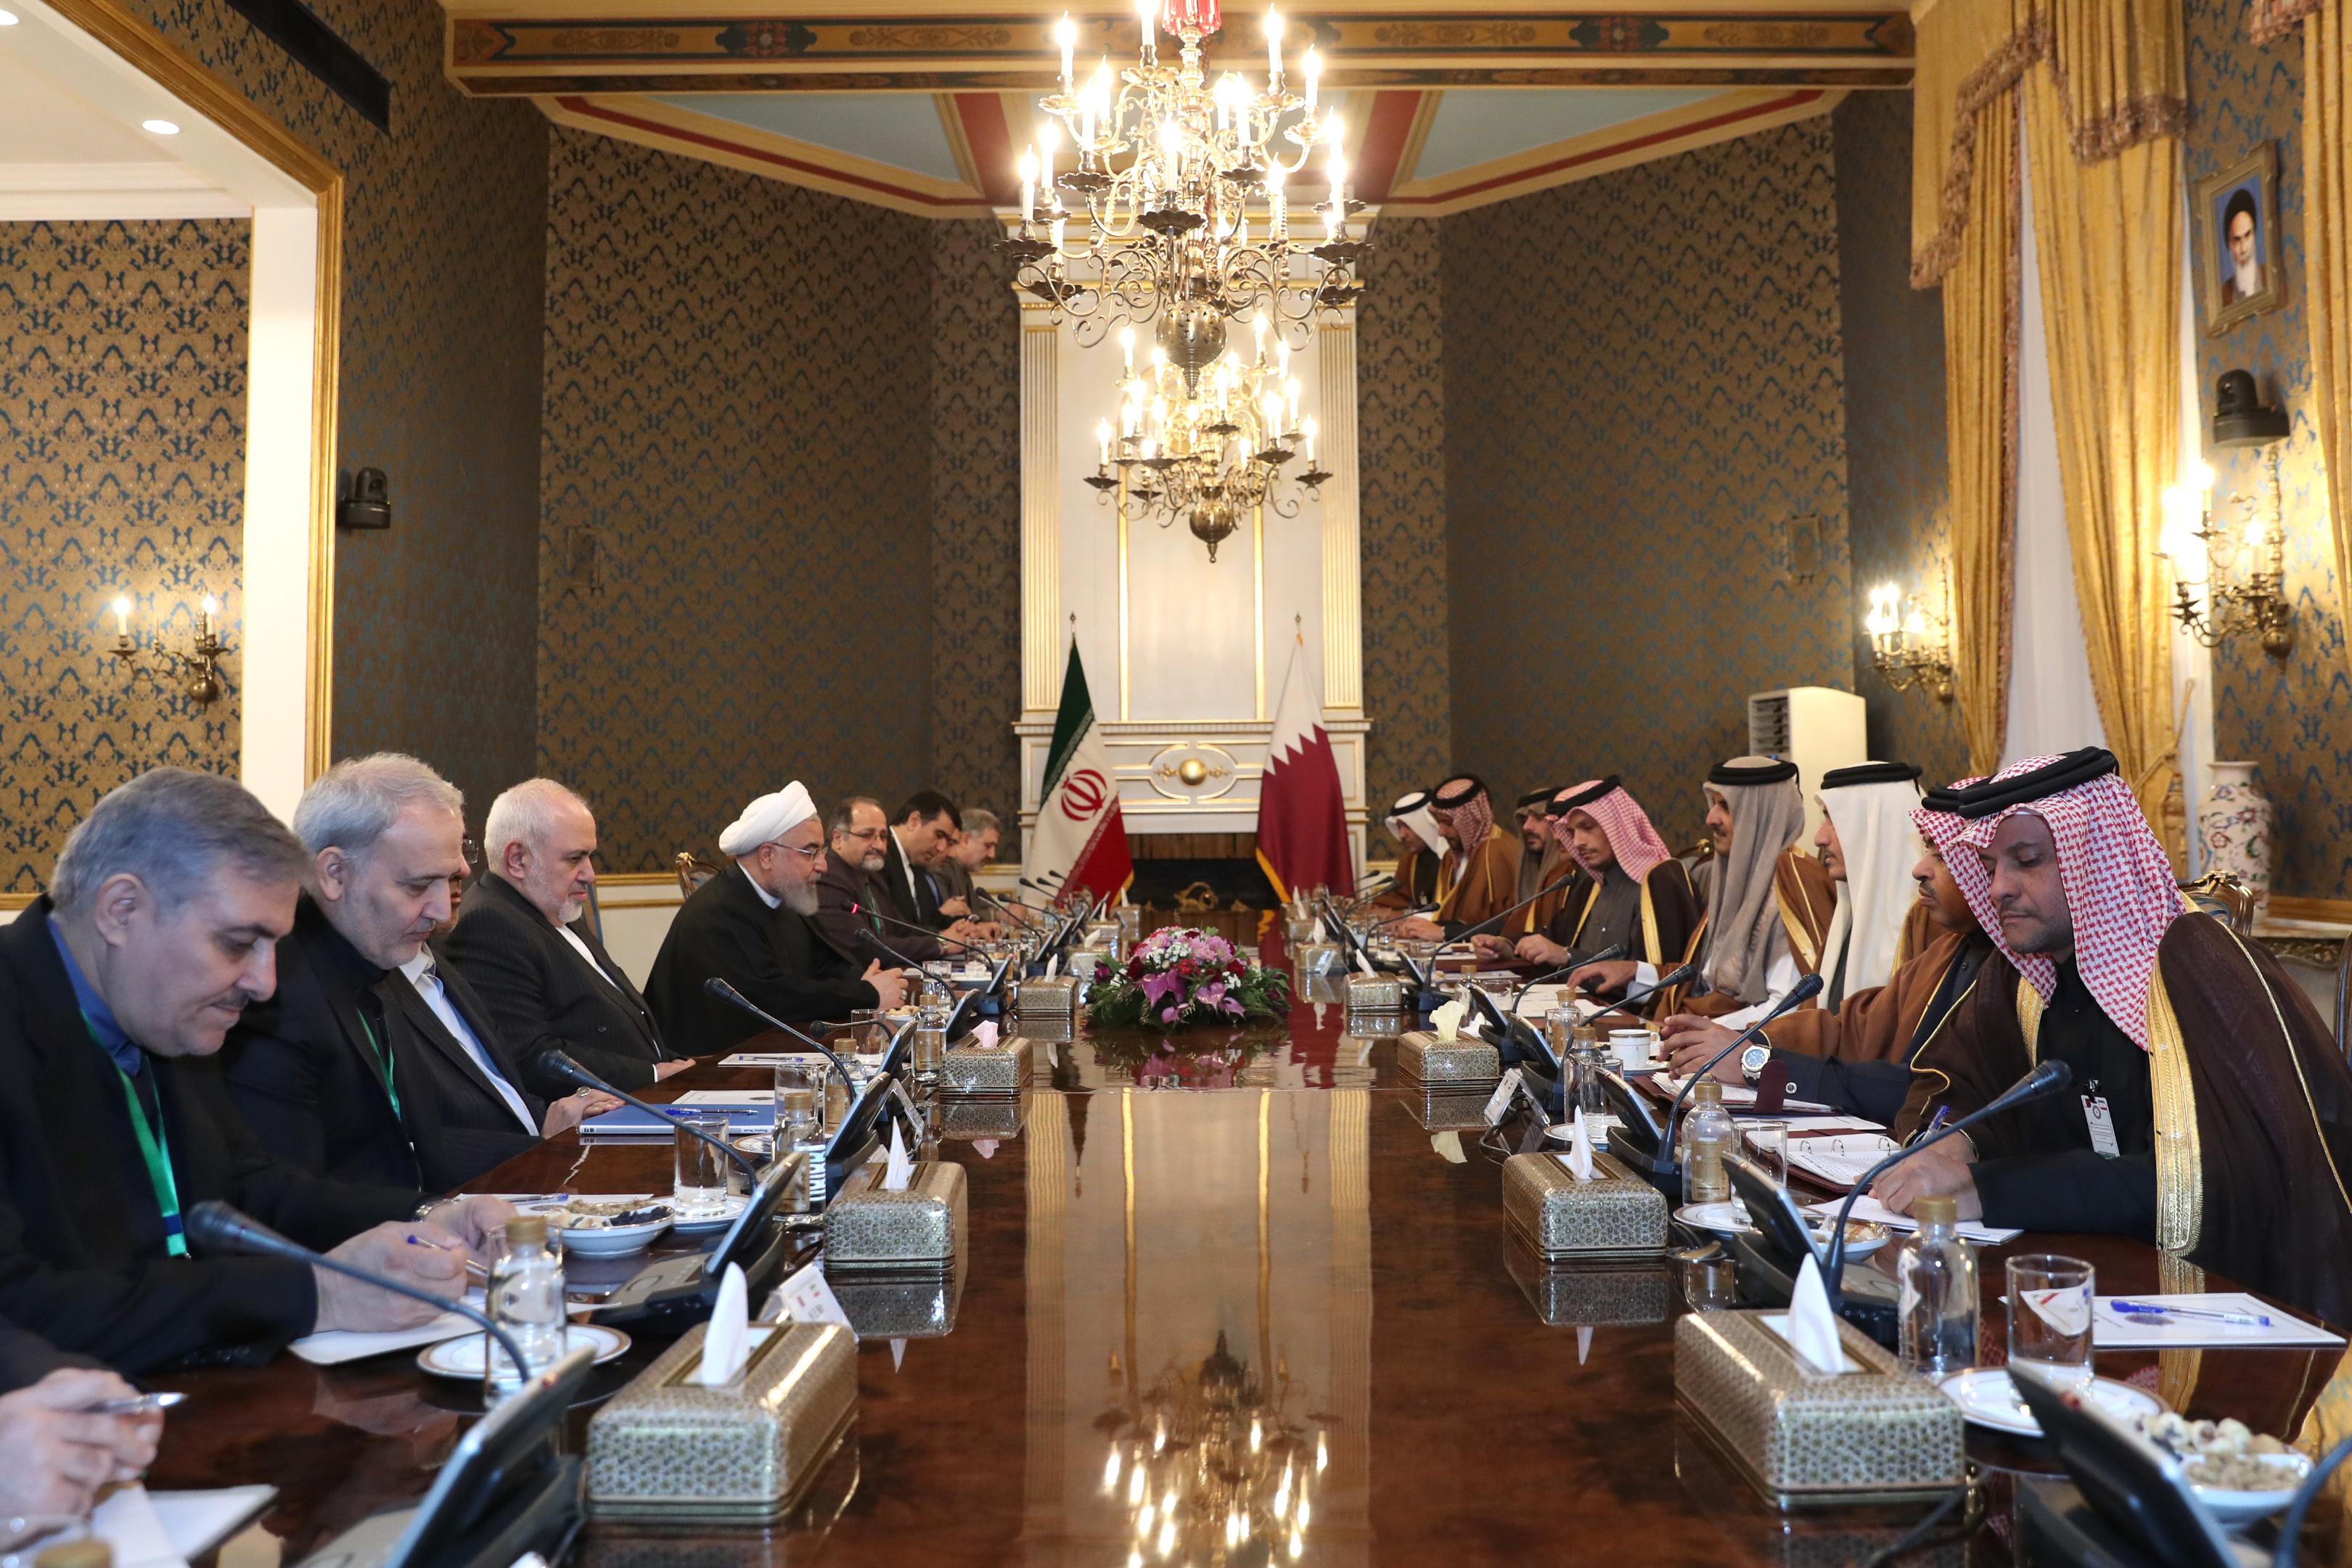 ایران از توسعه بیش از پیش روابط با همسایگان به ویژه قطر استقبال می کند